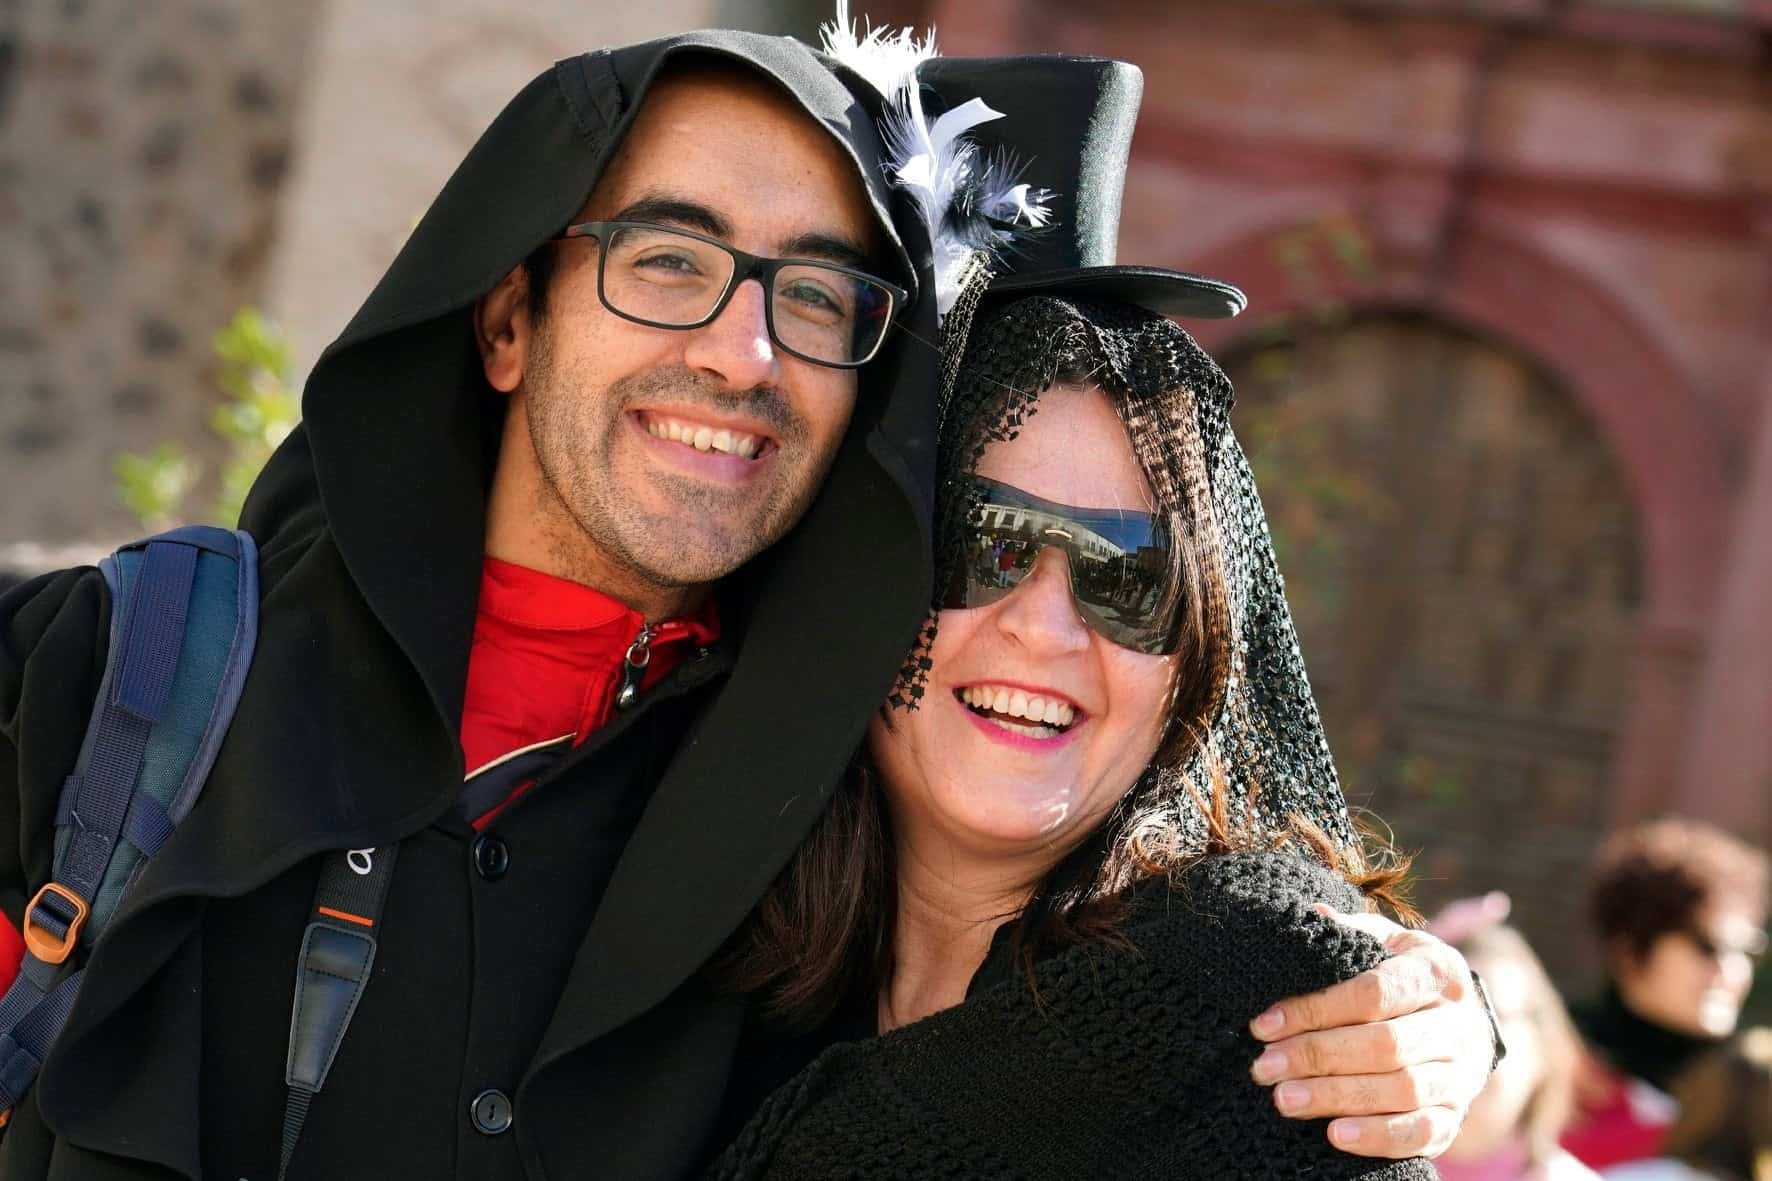 Carnaval de Herencia 2020 entierro sardina 11 - El Entierro de la Sardina 2020 del Carnaval de Herencia